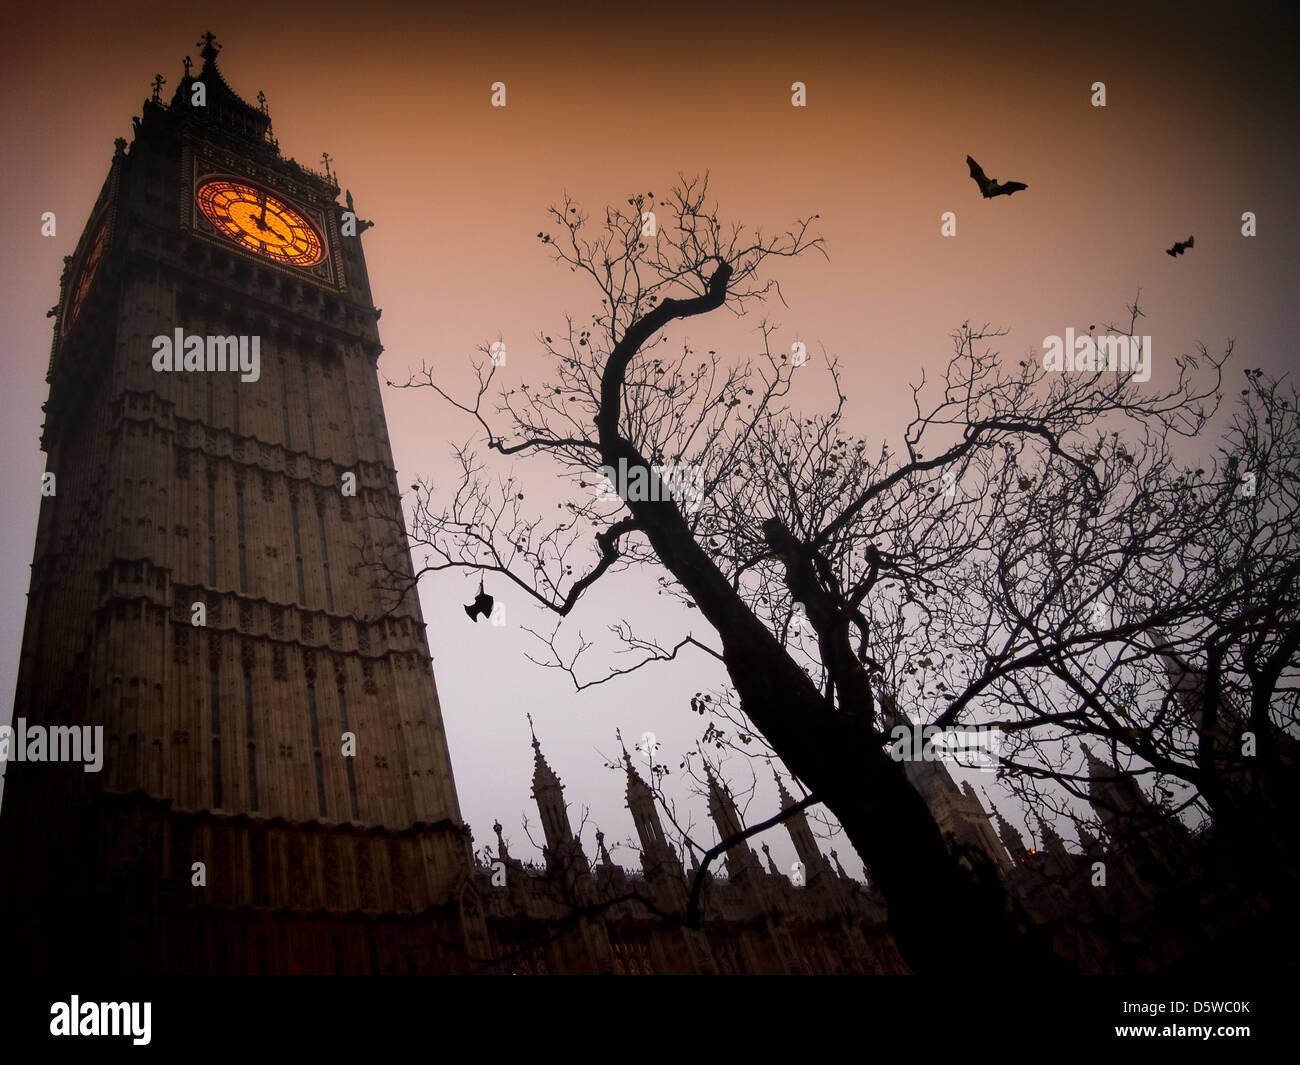 Der Spuk Uhr Turm von Westminster mit einem kahlen Baum und fliegende Fledermäuse Stockbild